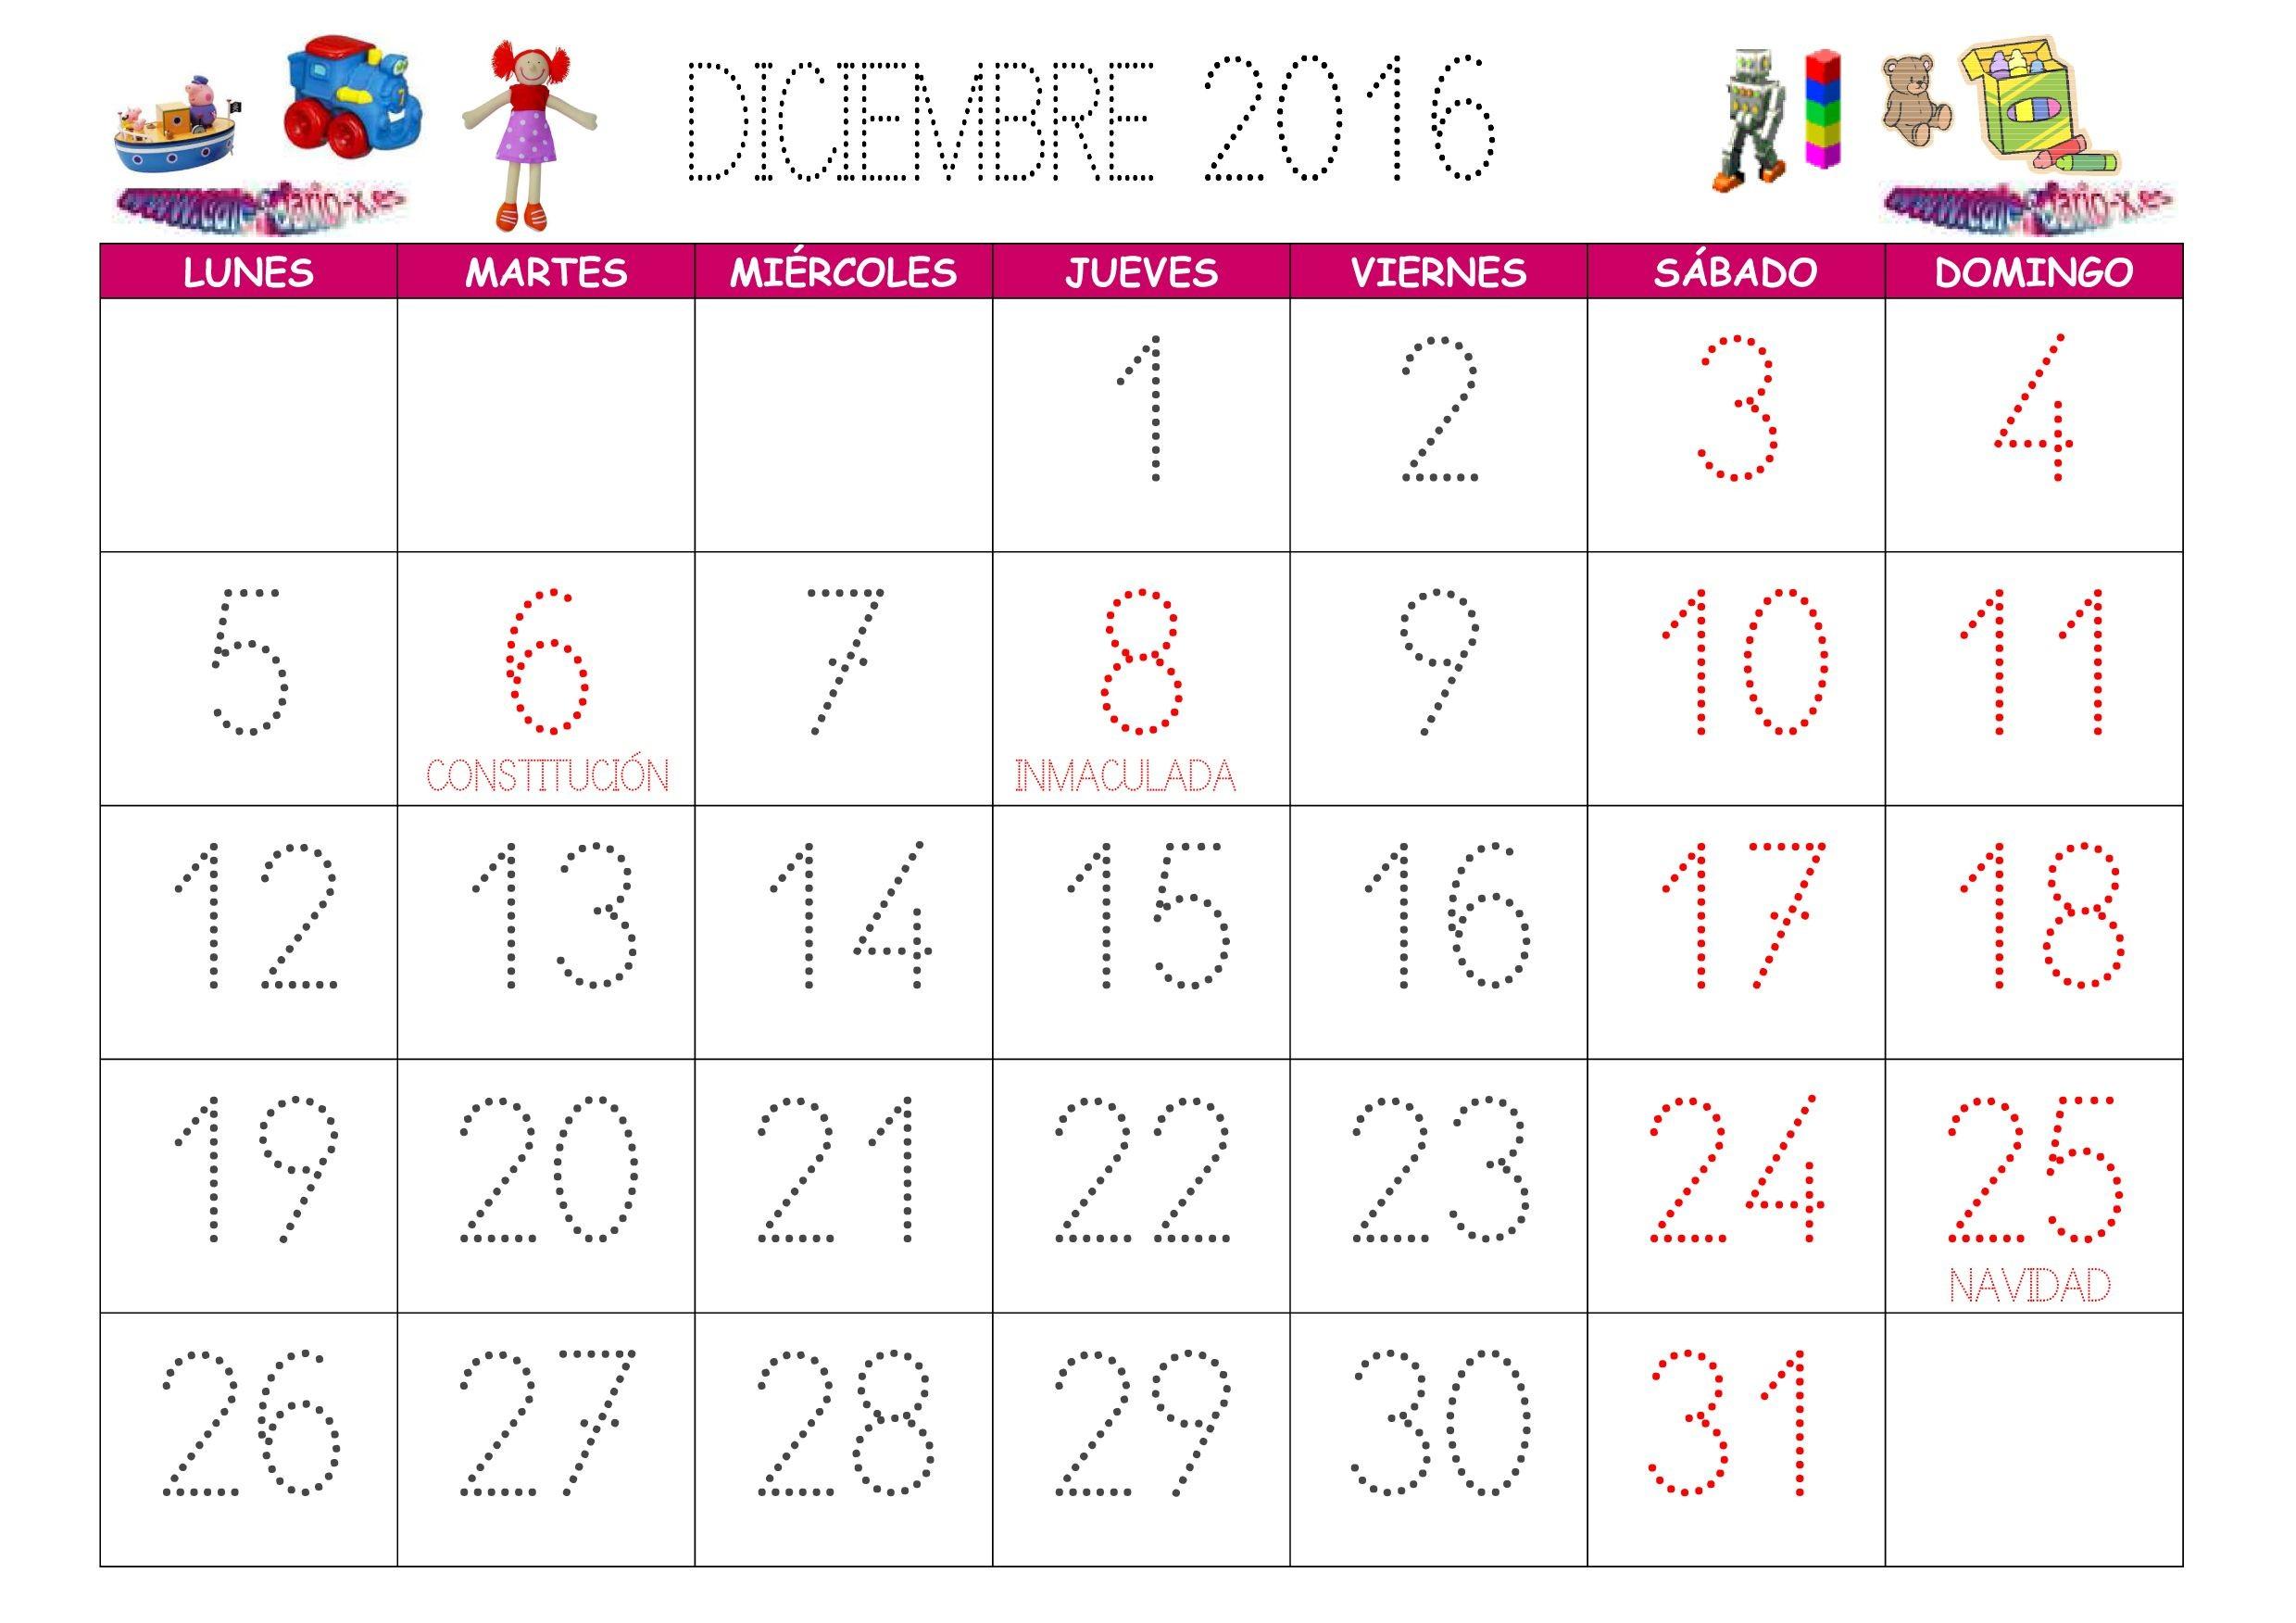 Calendario 2019 Excel Para Personalizar Más Caliente Pin De Publicaciones Valtierra En Calendarios – Desenhos Para Colorir Of Calendario 2019 Excel Para Personalizar Actual Ambiente Laboral Hostil 2017 10 27t05 12